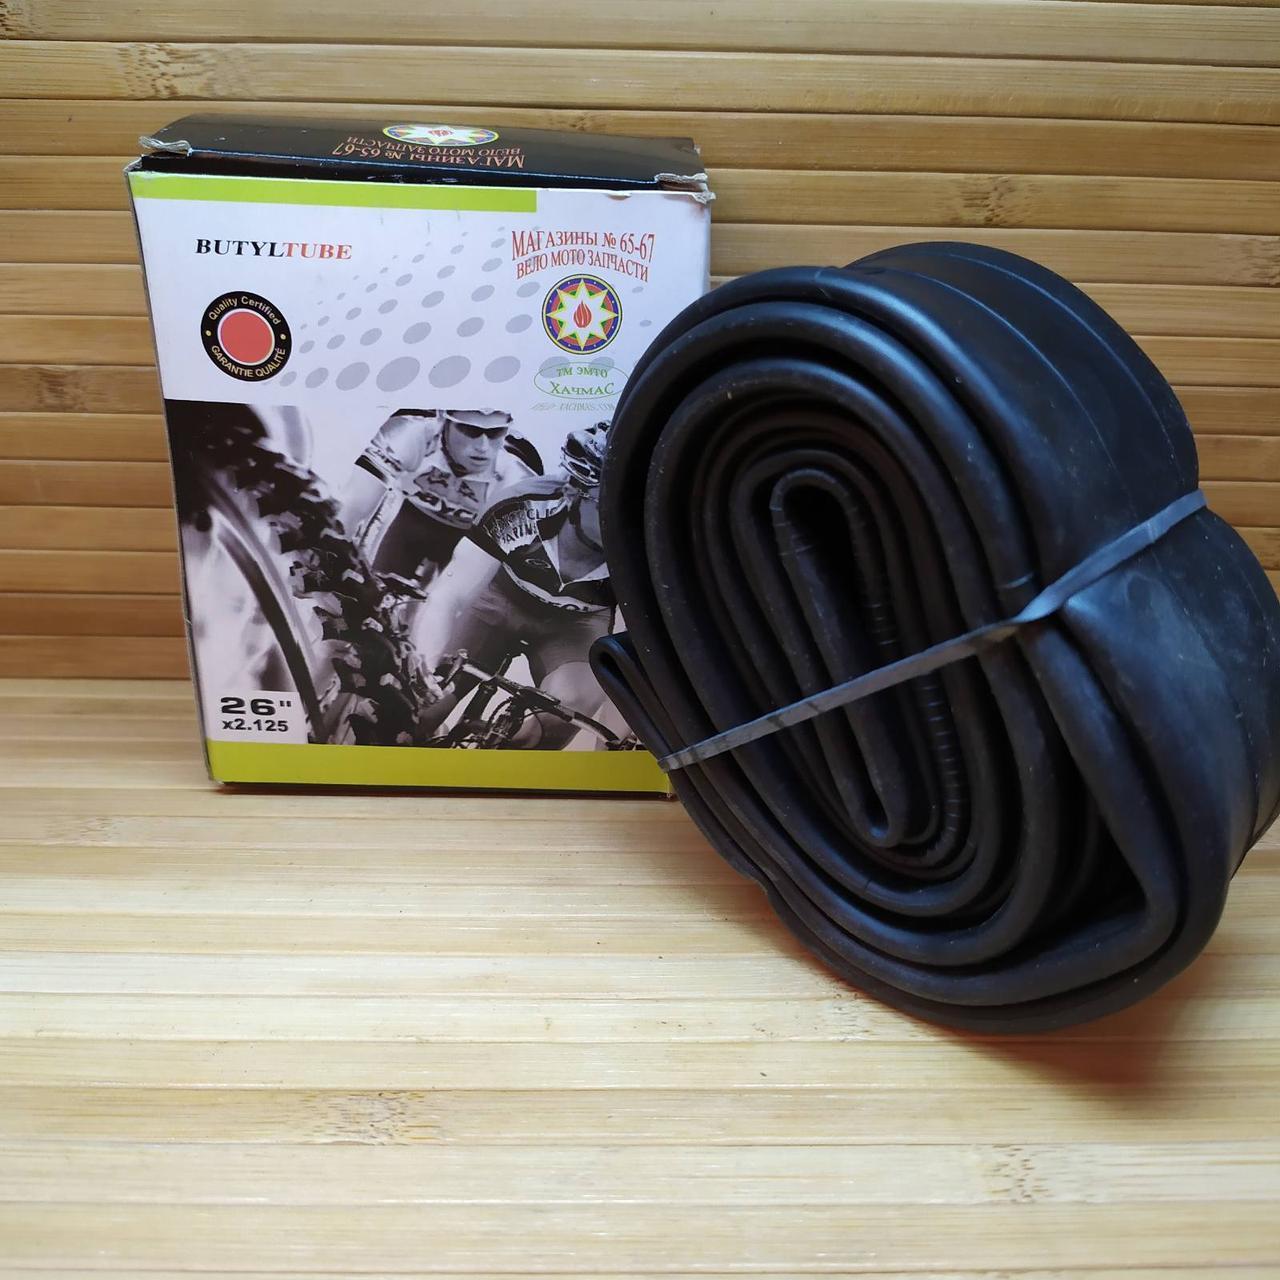 Велосипедна Камера 26 1,75 - 2,125 в коробці